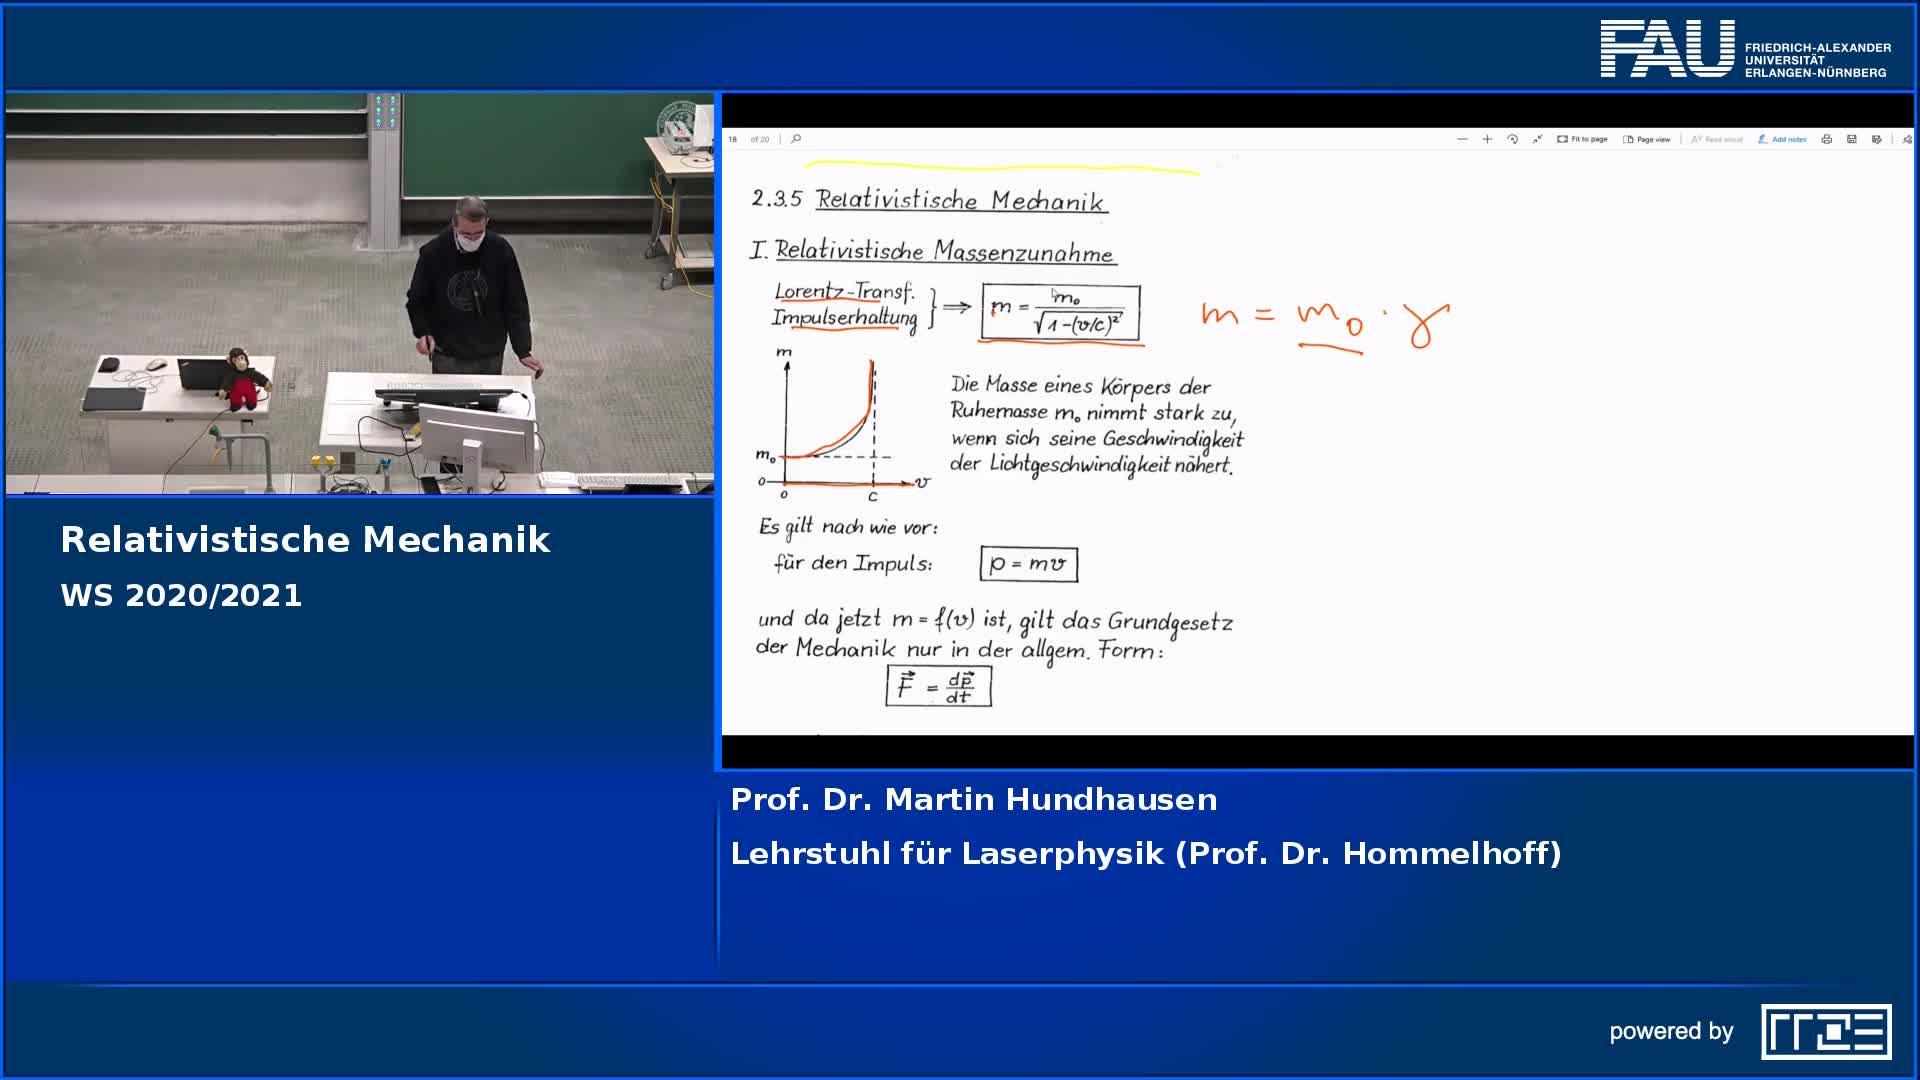 Relativistische Mechanik preview image